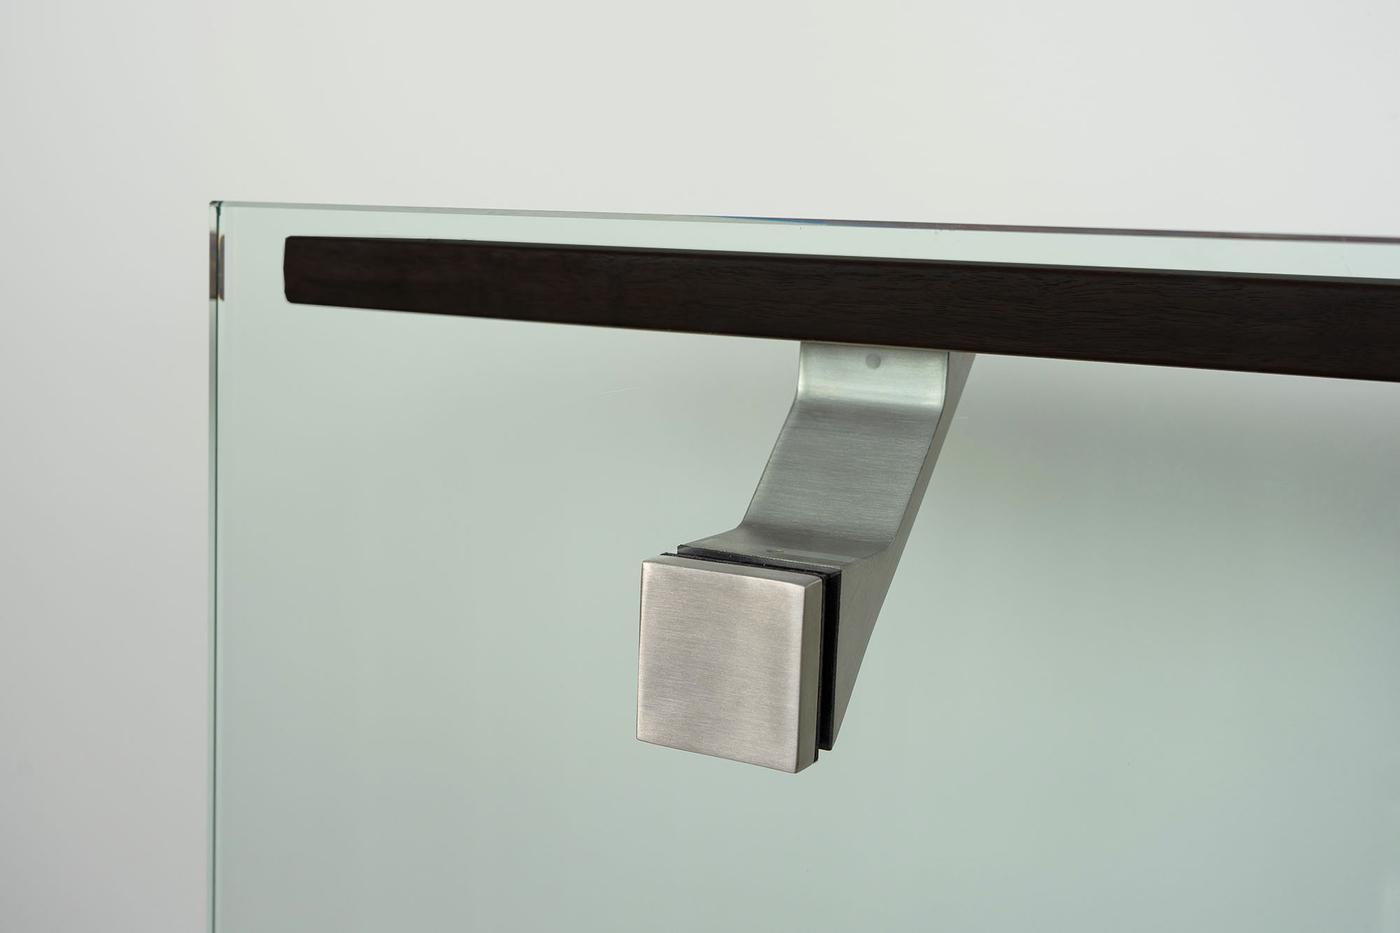 Glass-guardrail-handrail-bracket